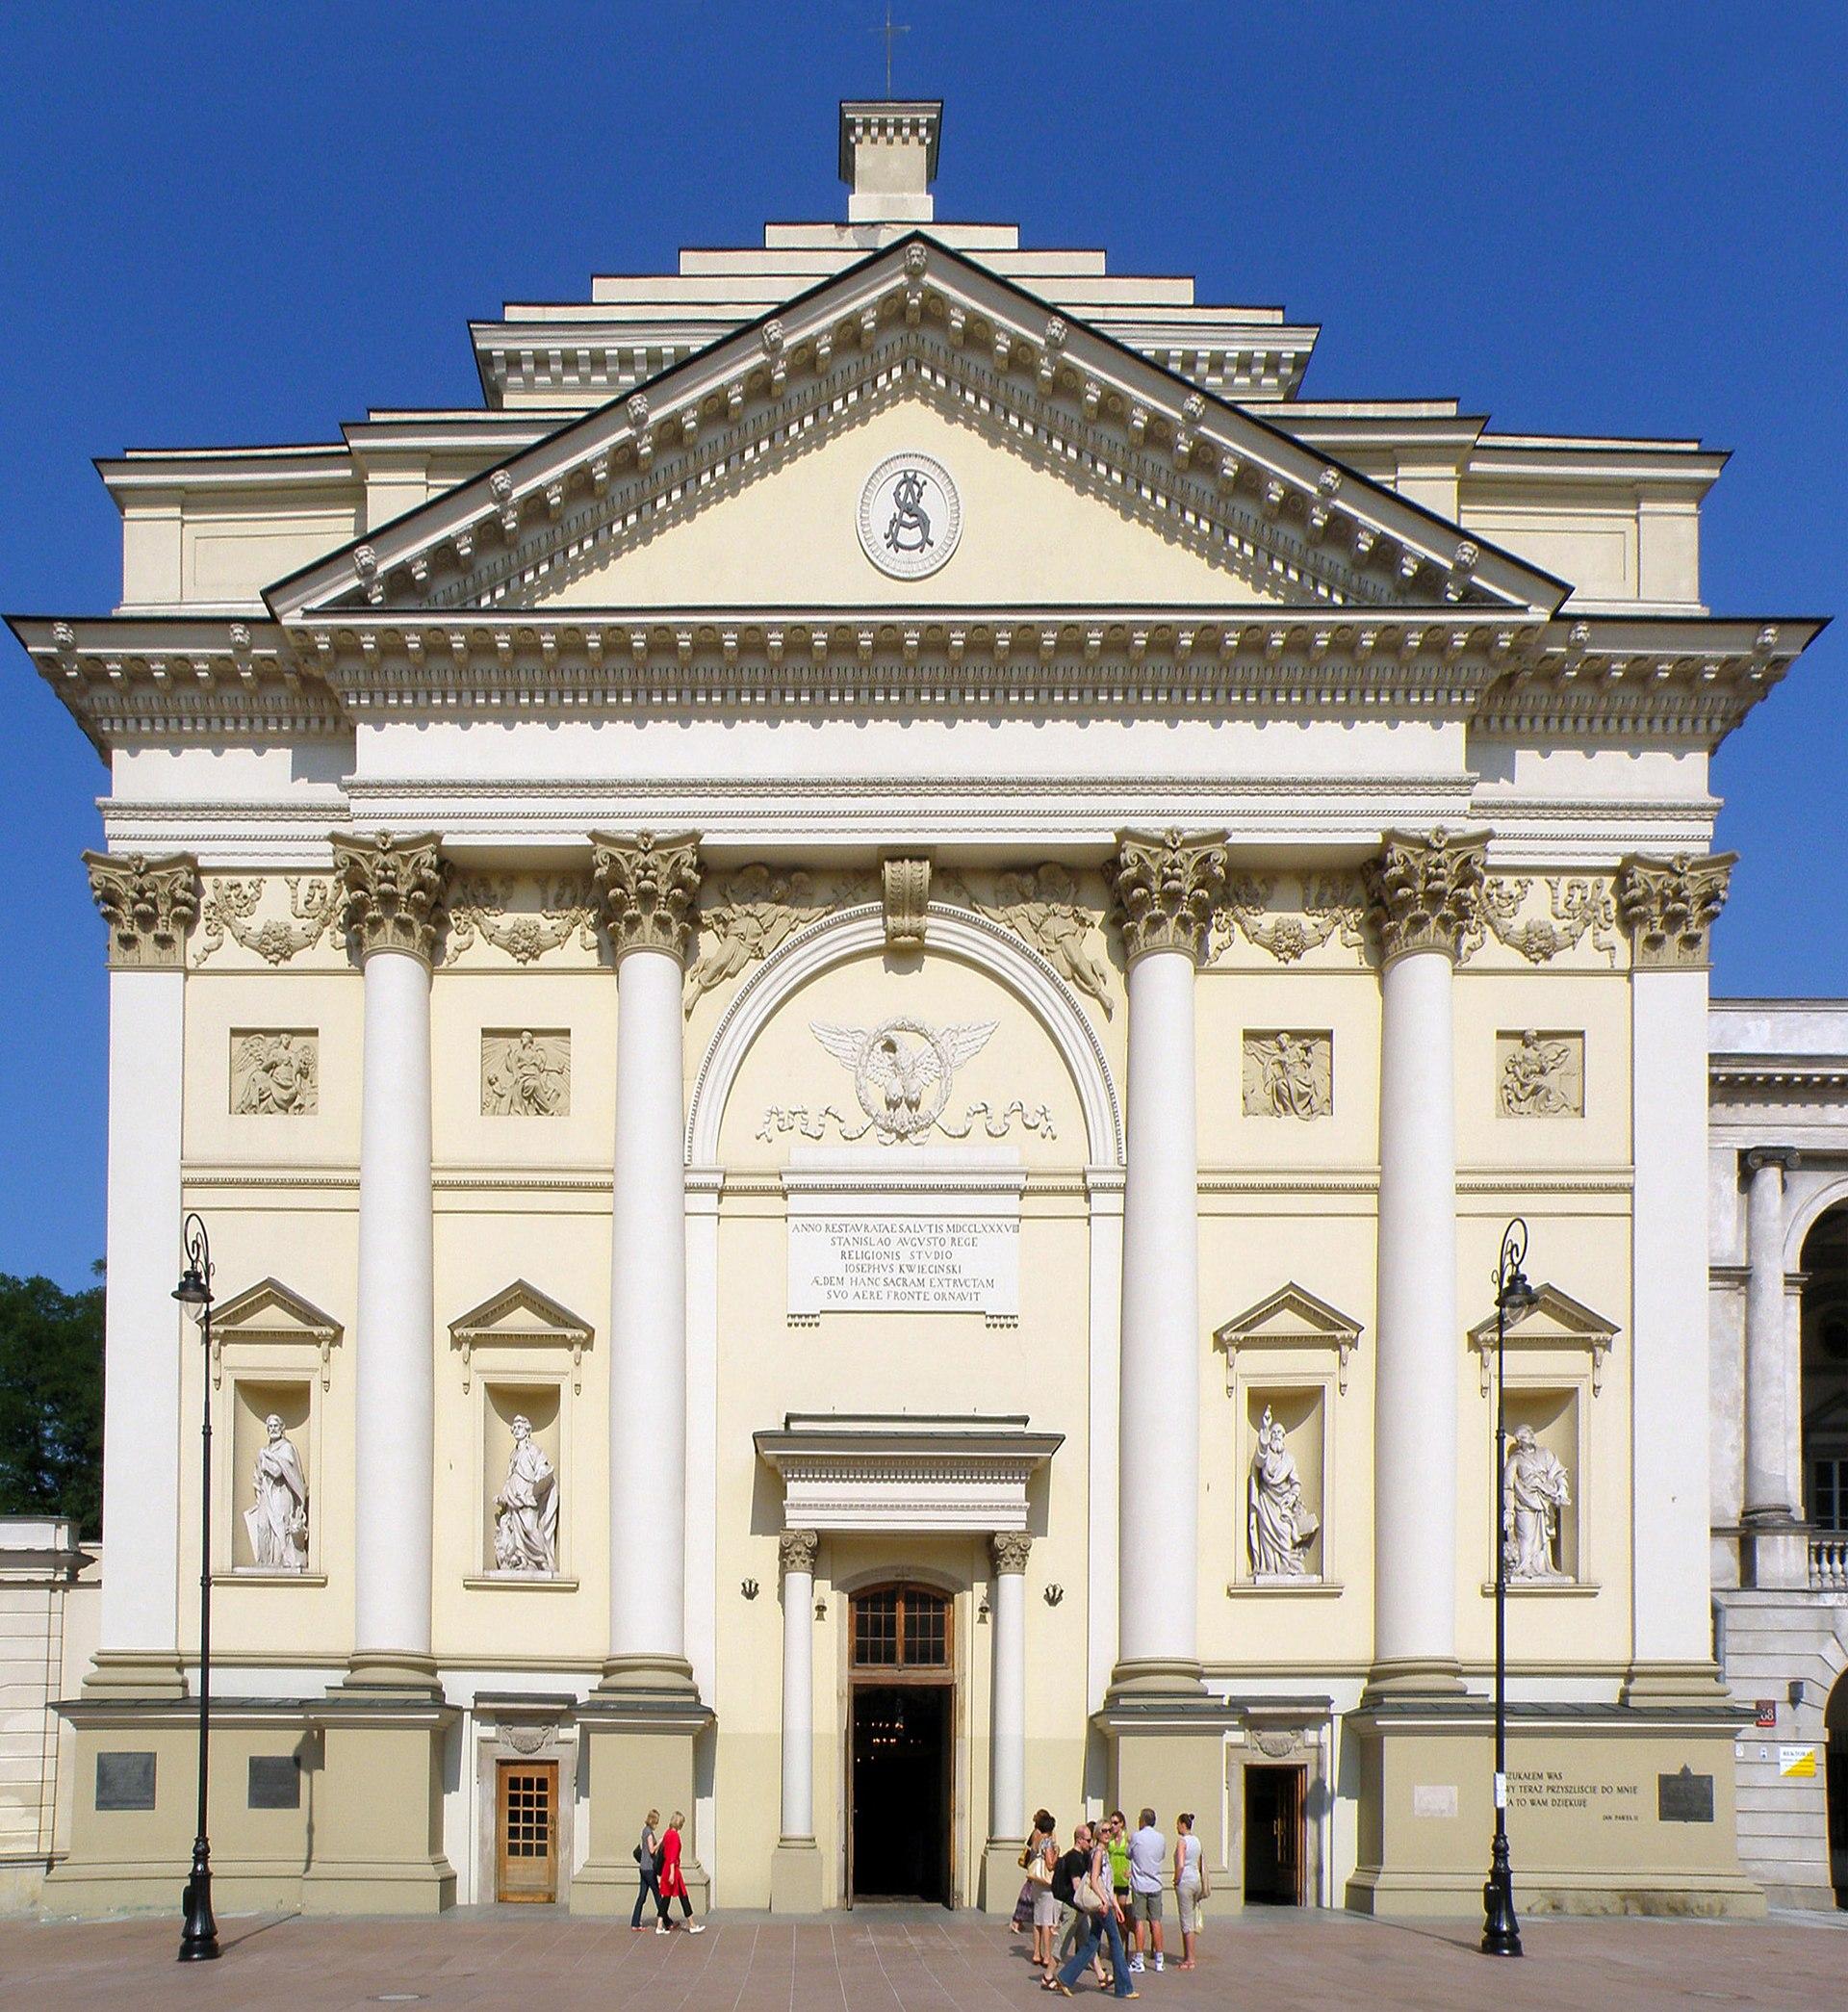 neoclassical architecture in poland wikipedia